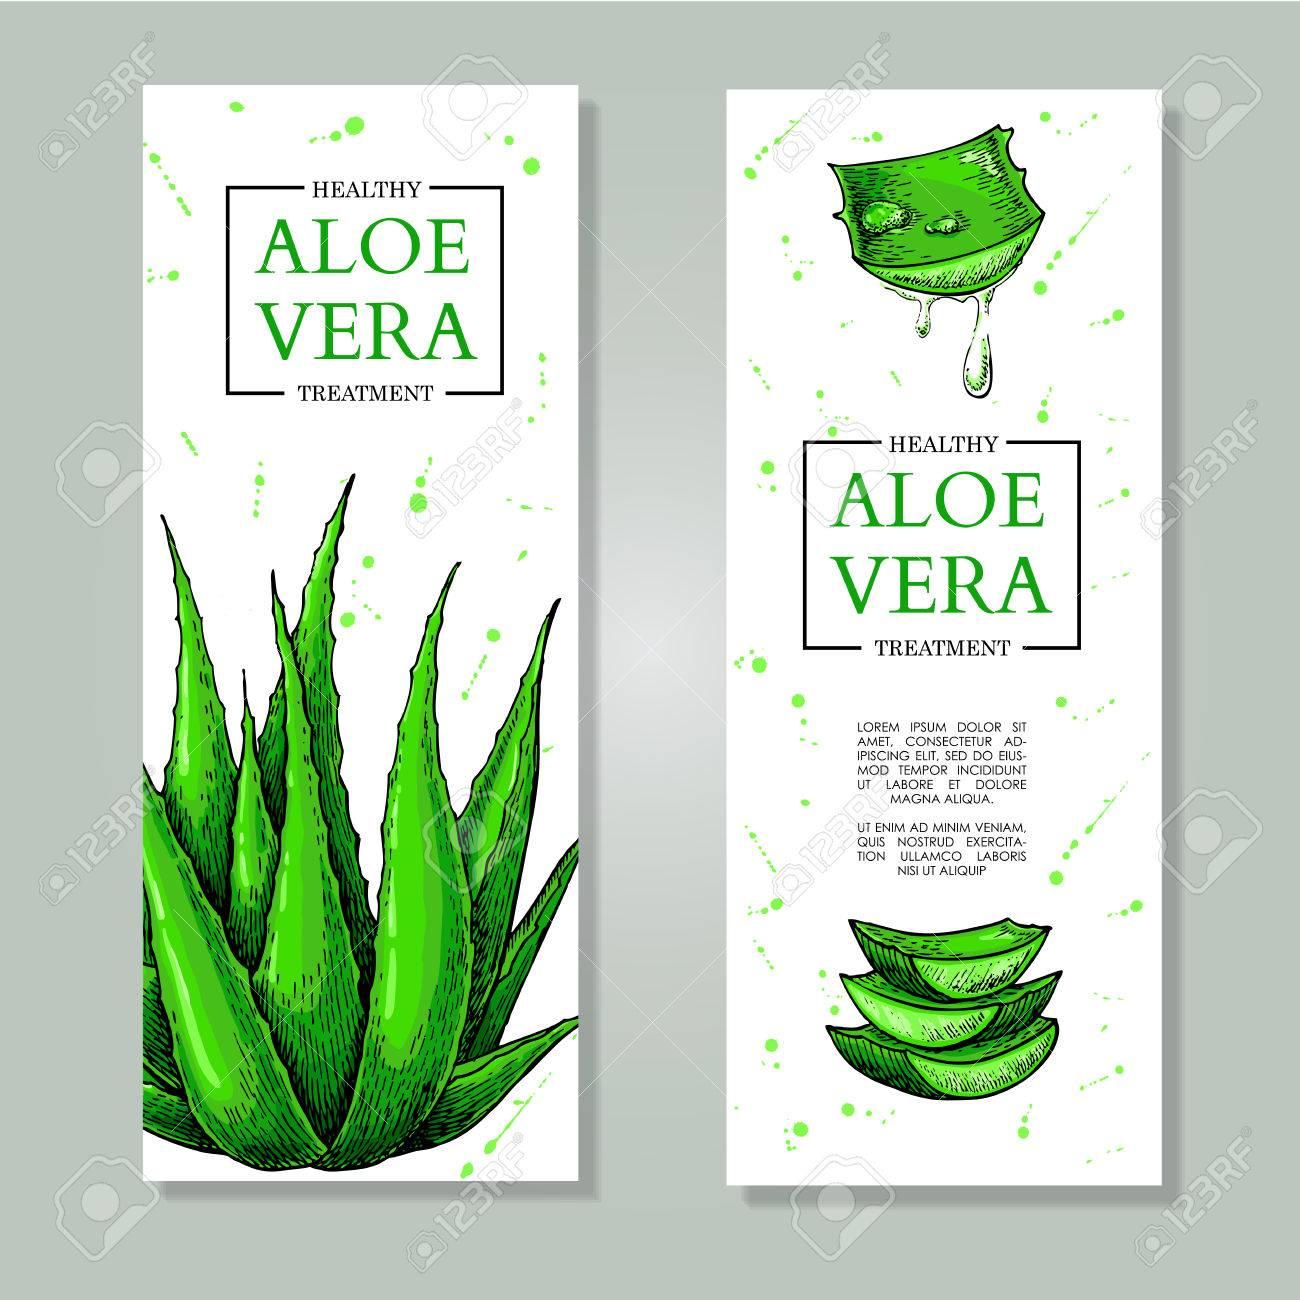 Vector Aloe Vera Bannières Dessinées à La Main Ingrédient Cosmétique Naturel Dessin Botanique De La Plante De Citronnelle Traitement à Base De